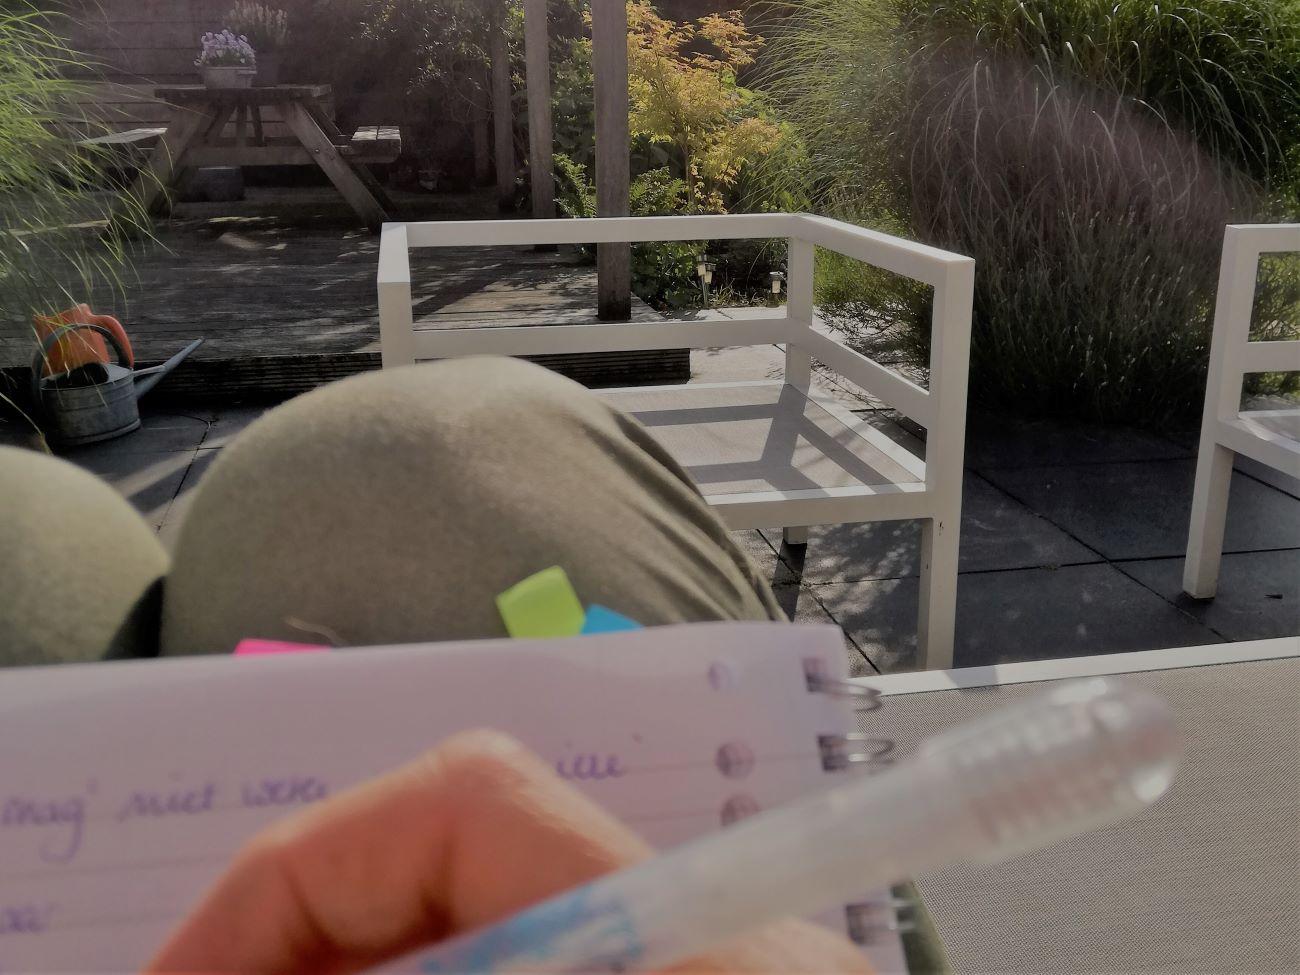 Hoe ik een boek schreef #deel 1